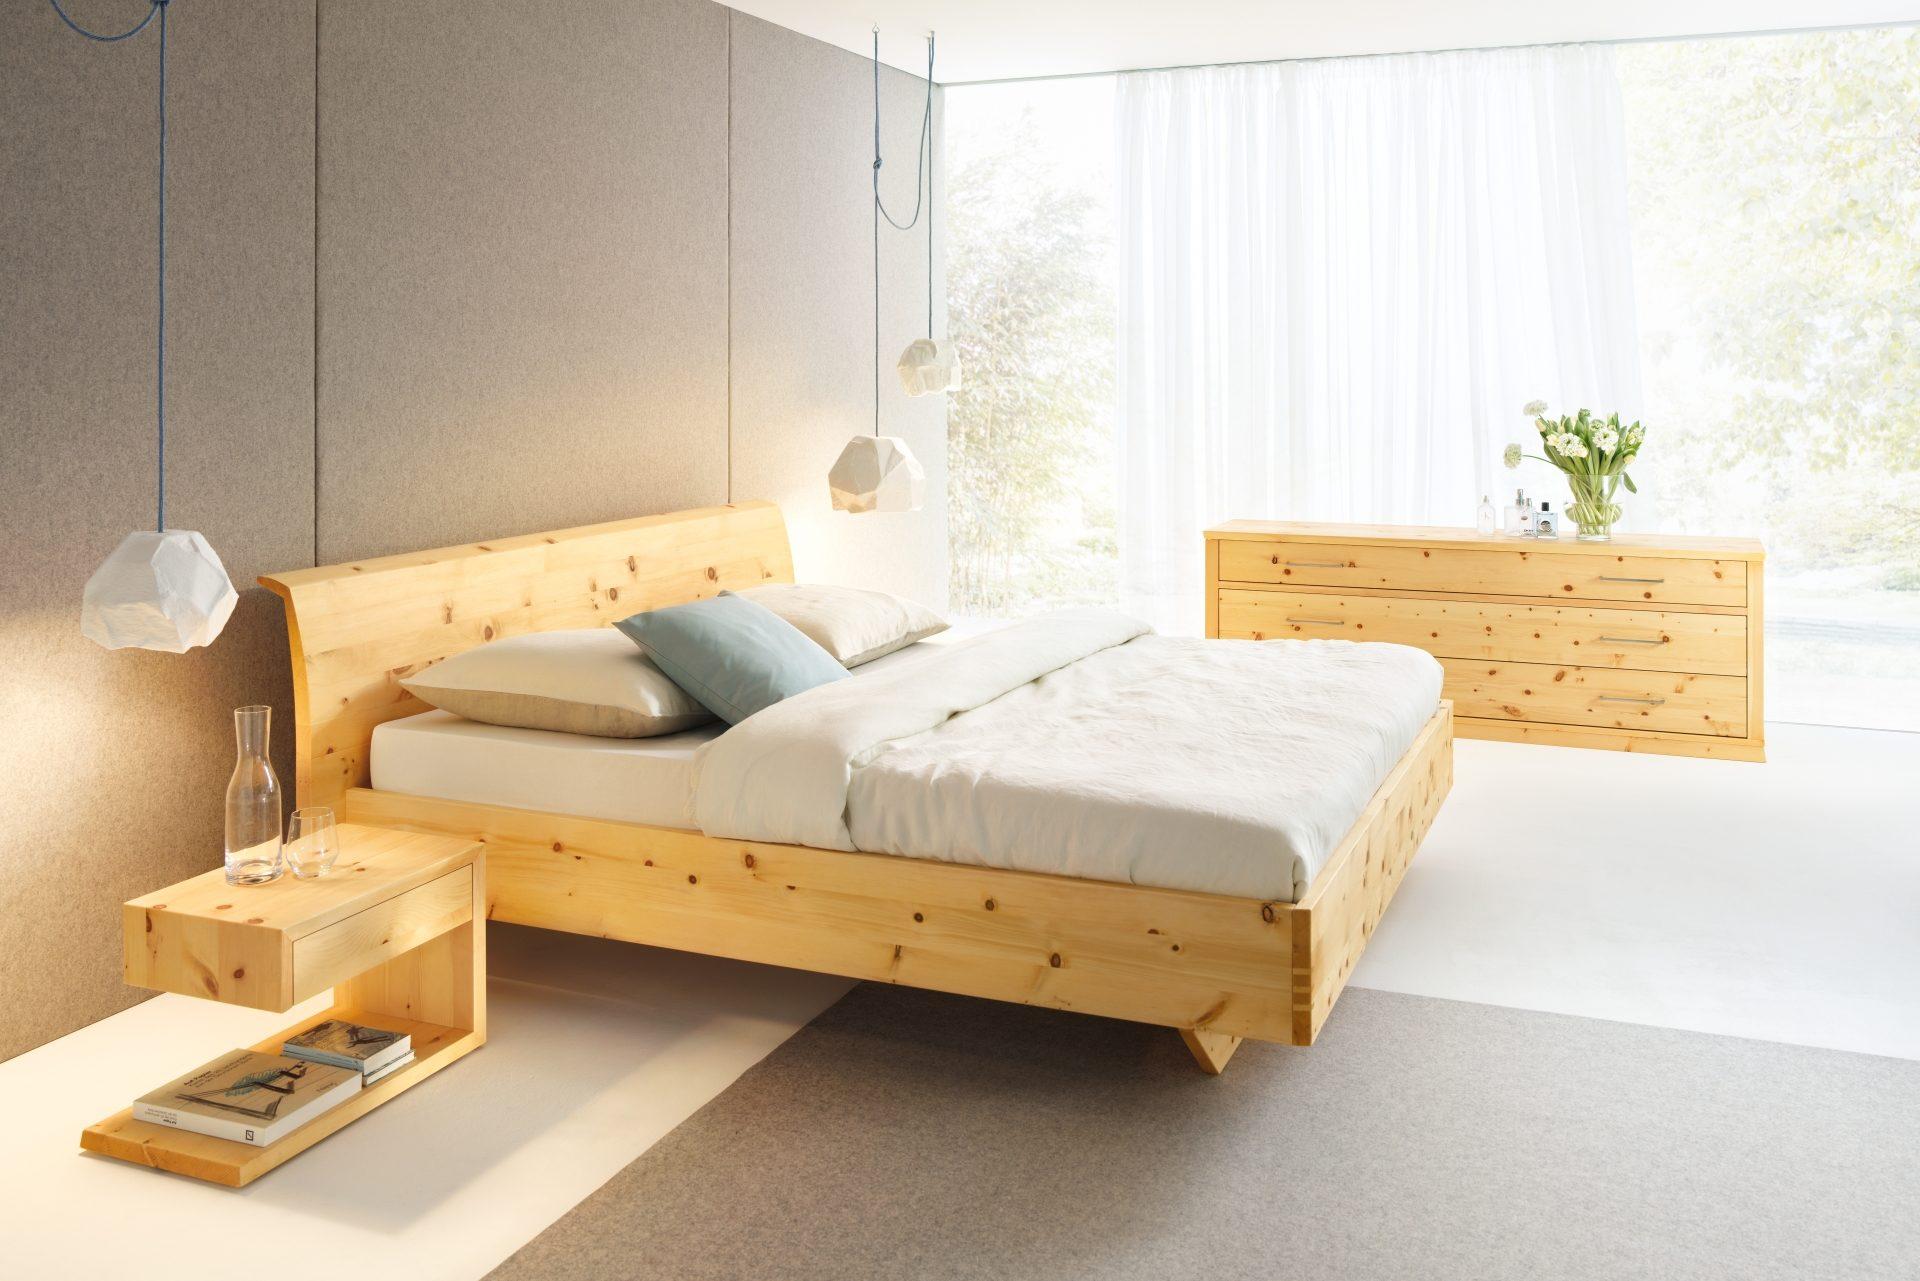 Amerikanische schlafzimmer einrichtung kleines schlafzimmer gem tlich gestalten kleine schmale - Amerikanische schlafzimmer ...